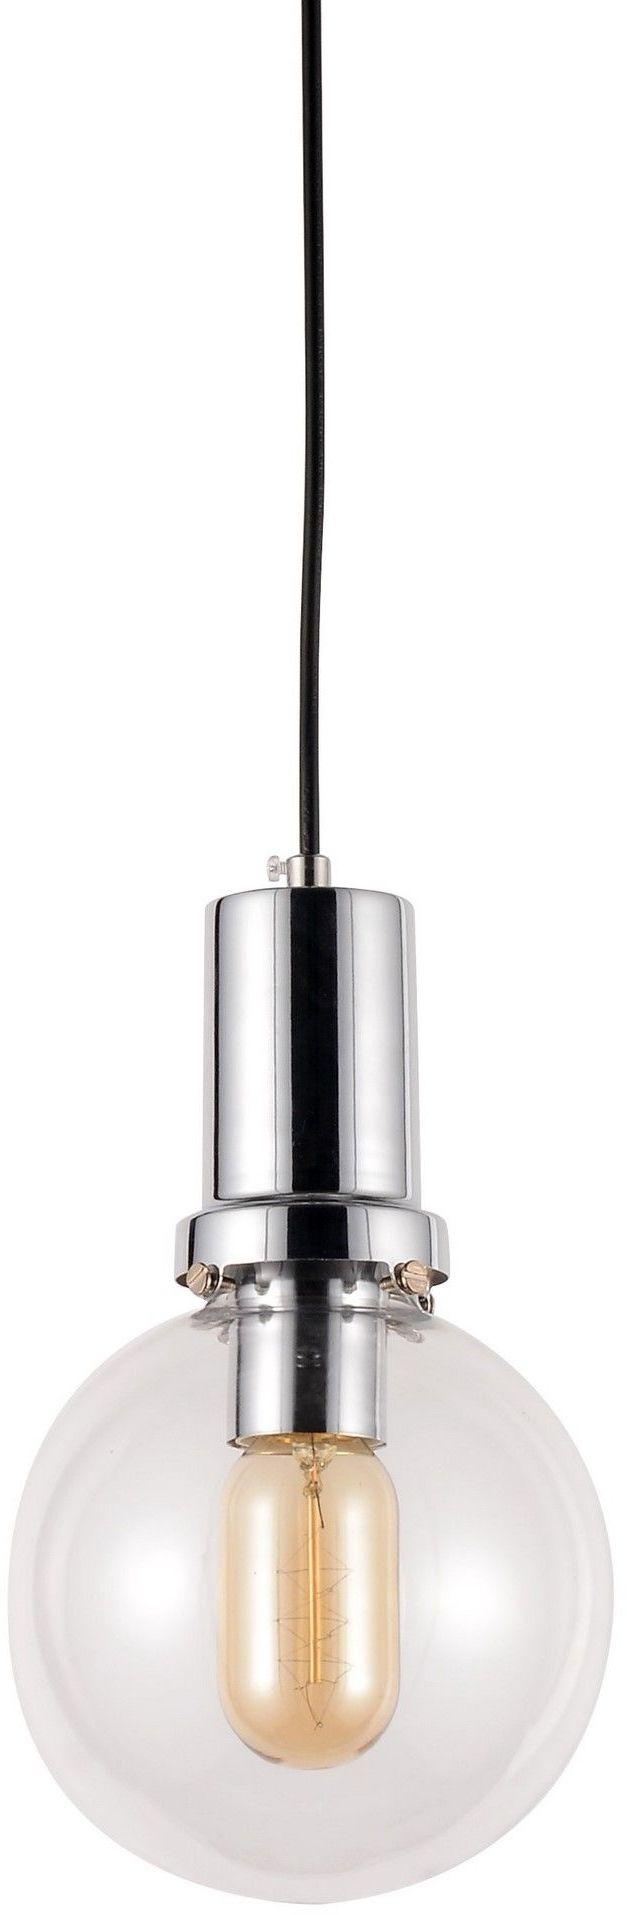 NOWOCZESNA LAMPA WISZĄCA PRZEZROCZYSTO-CHROMOWA DORITO D15